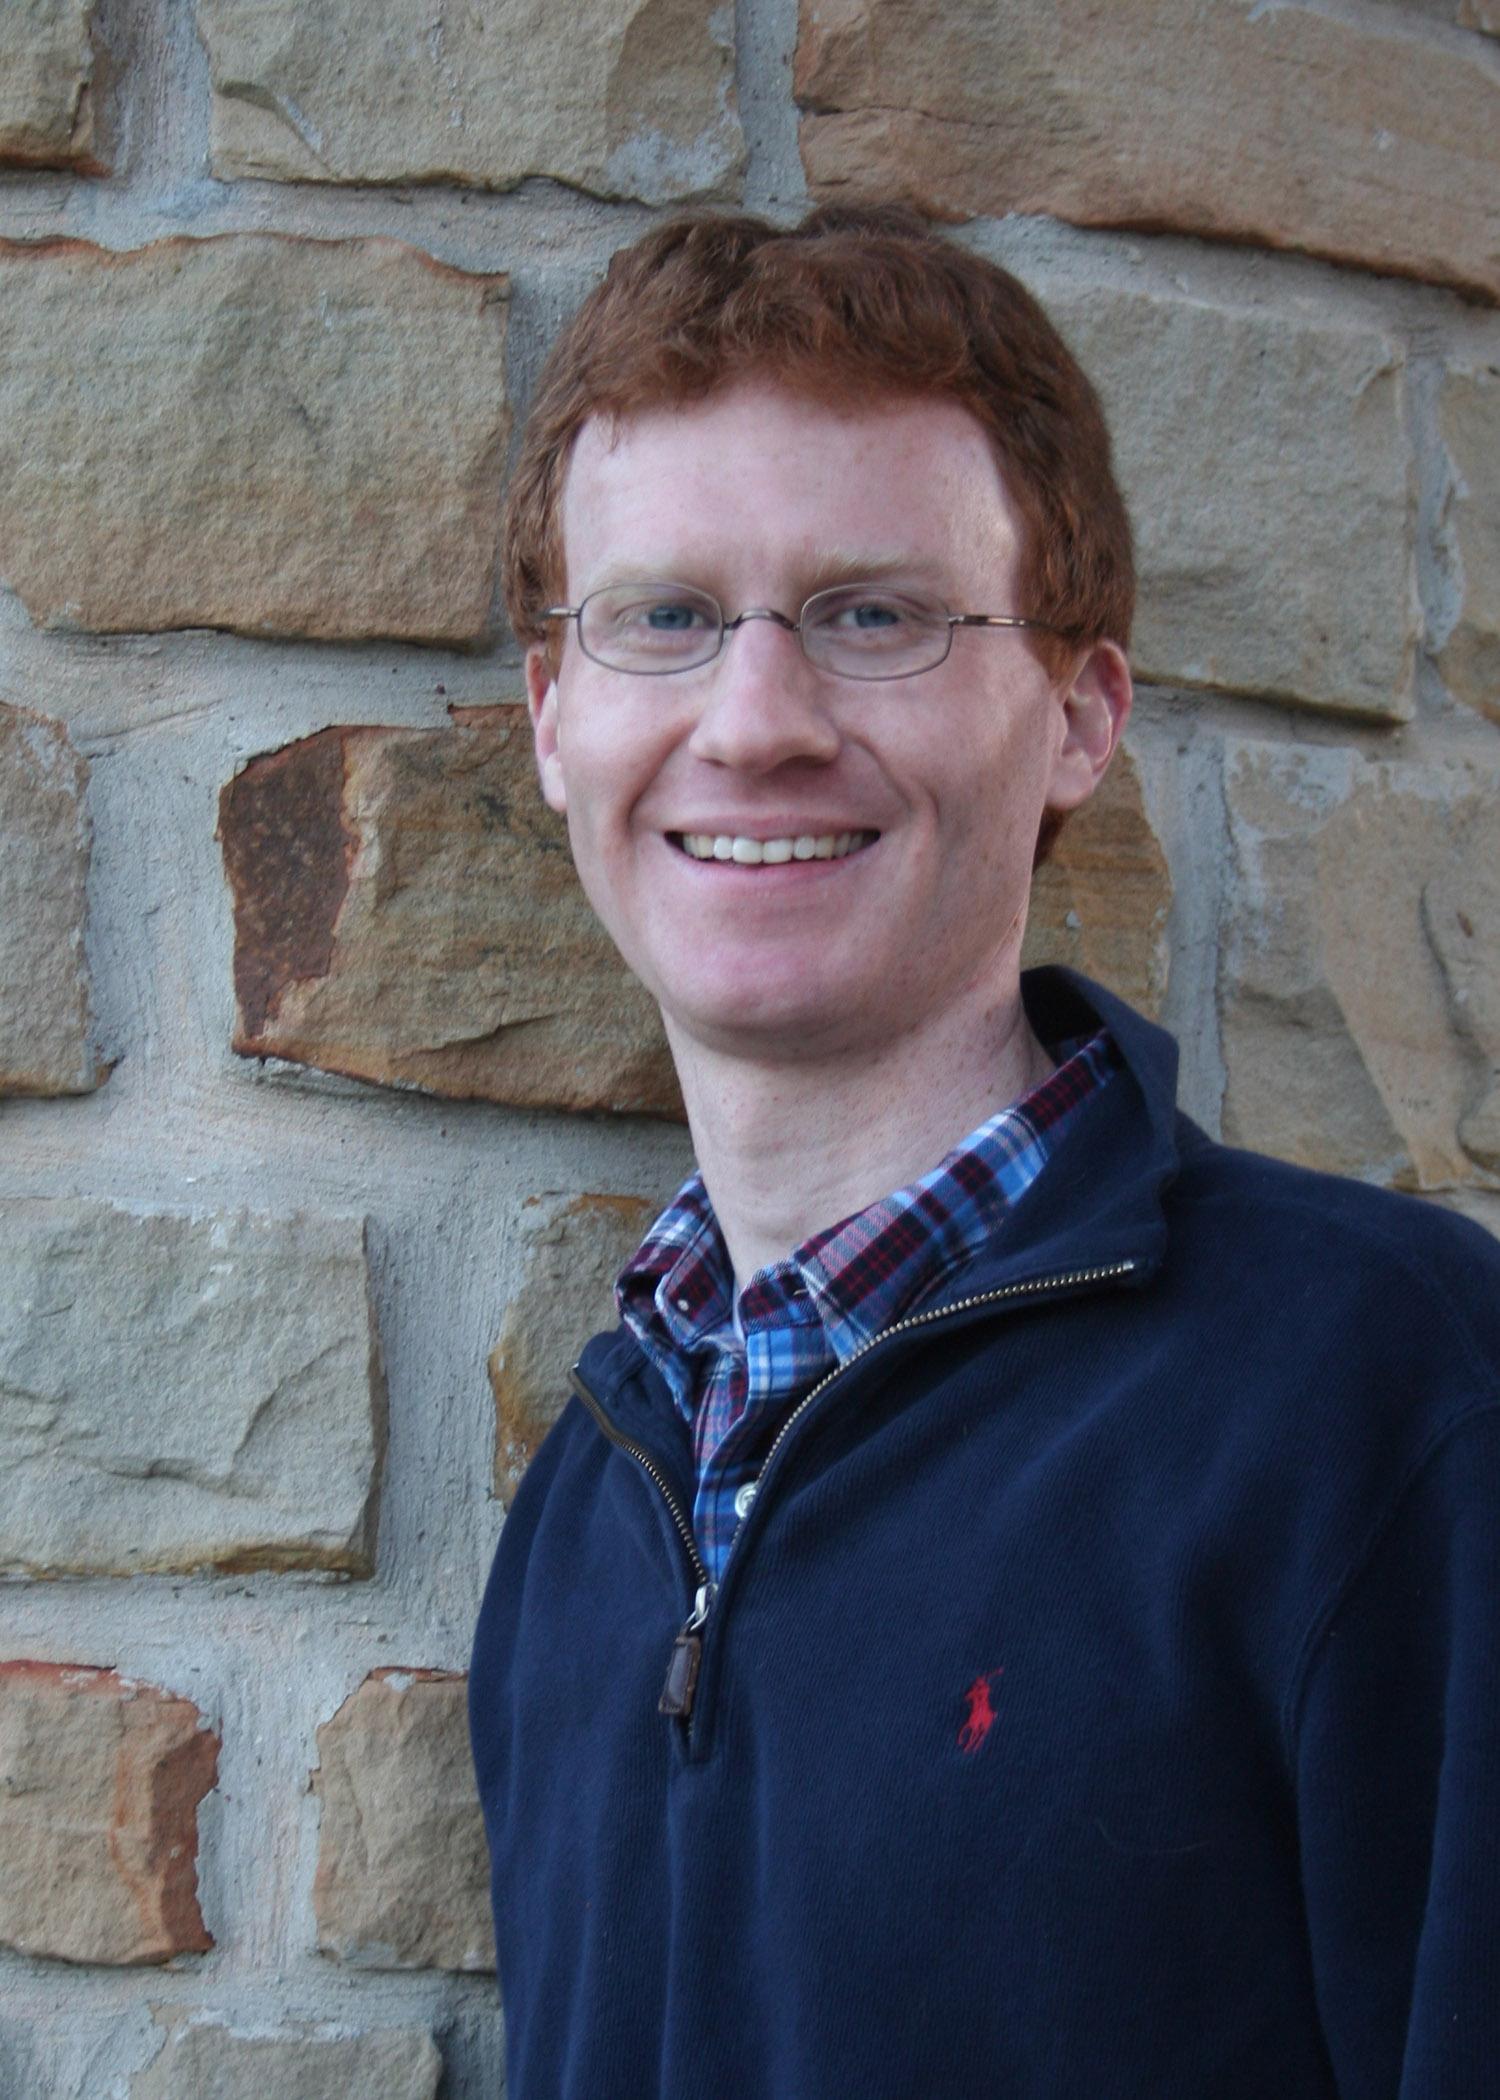 Edward C. Polson